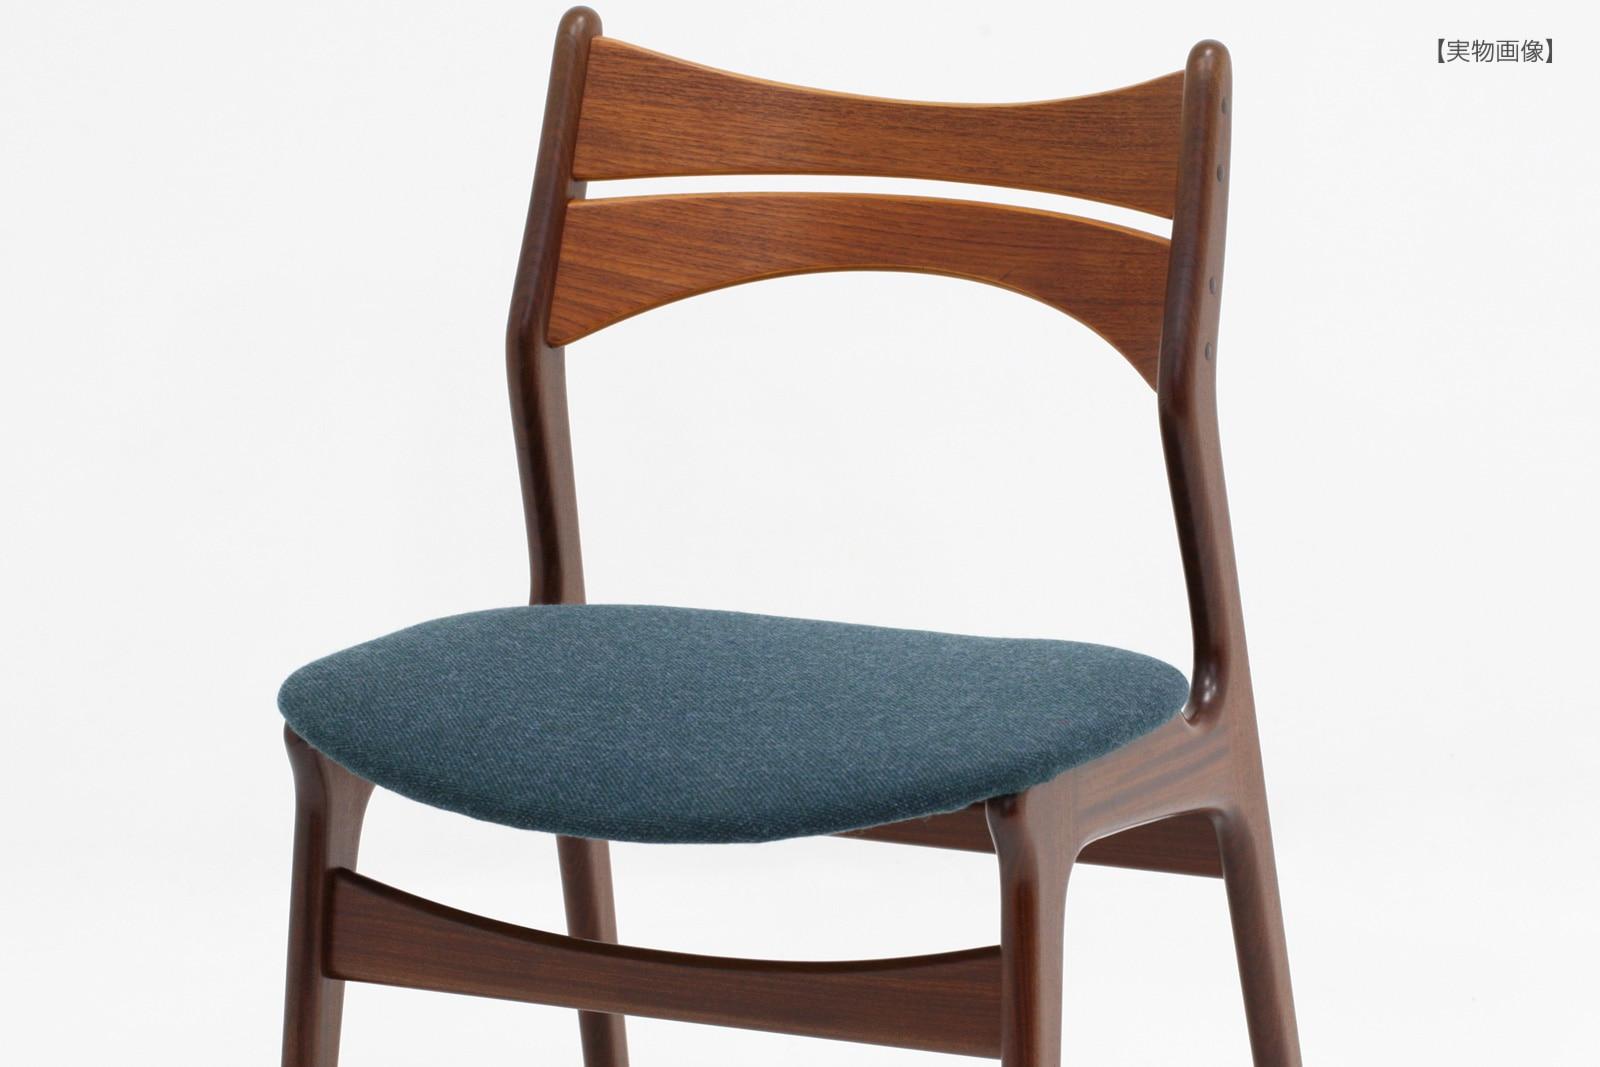 北欧,デザイナーズ,家具,エリックバック,model310,ダイニングチェア,椅子